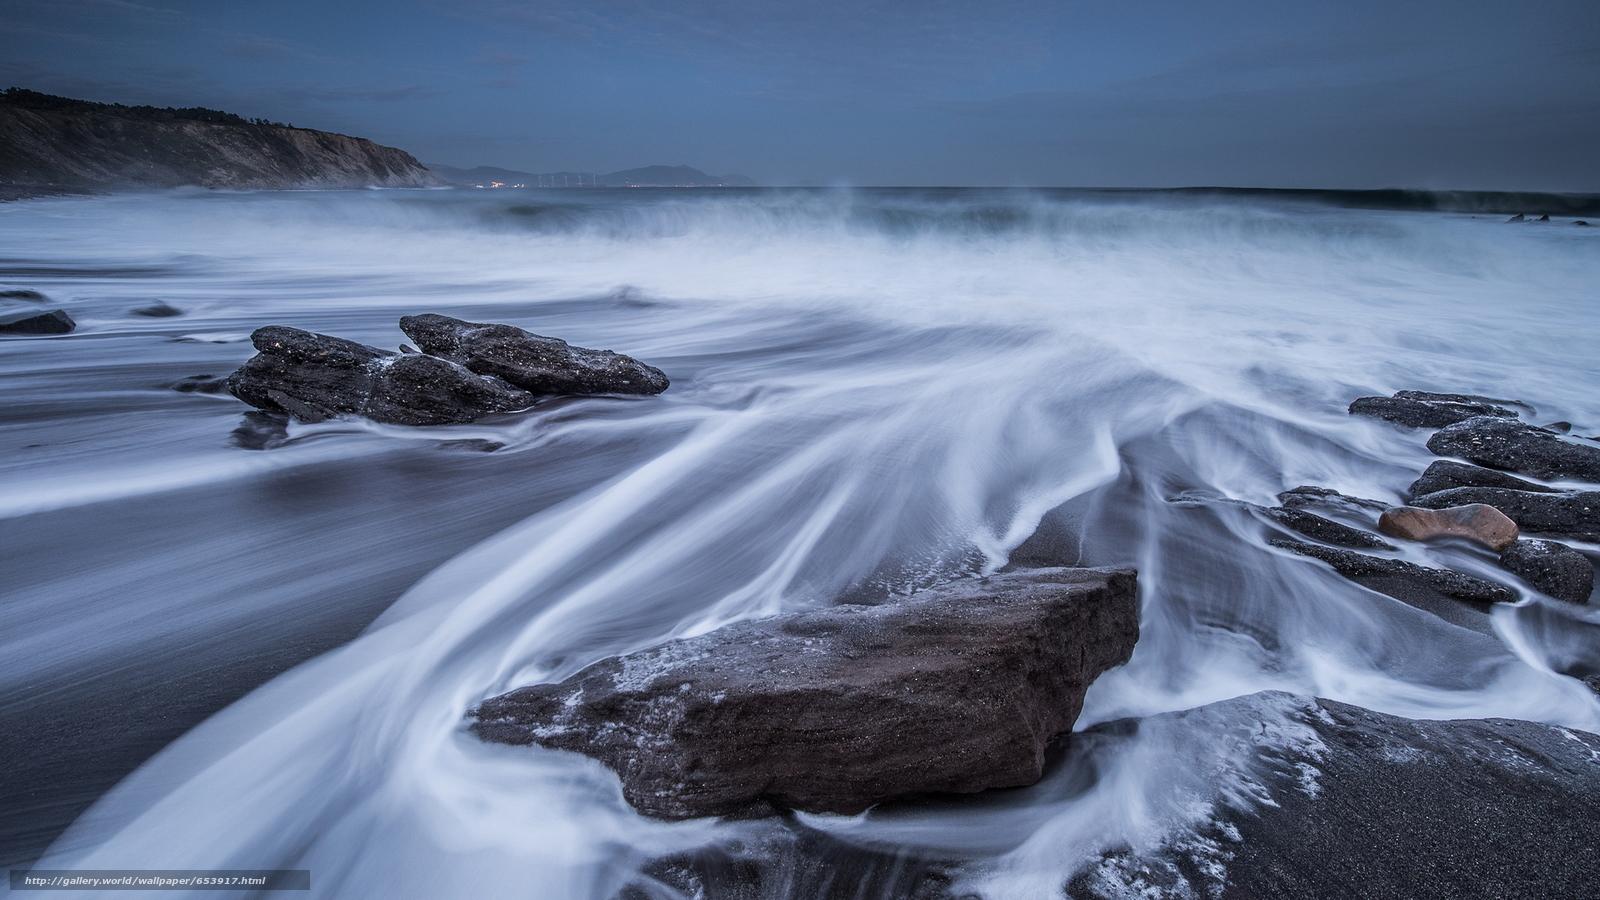 Скачать обои море,  океан,  водоем,  камни бесплатно для рабочего стола в разрешении 2048x1152 — картинка №653917